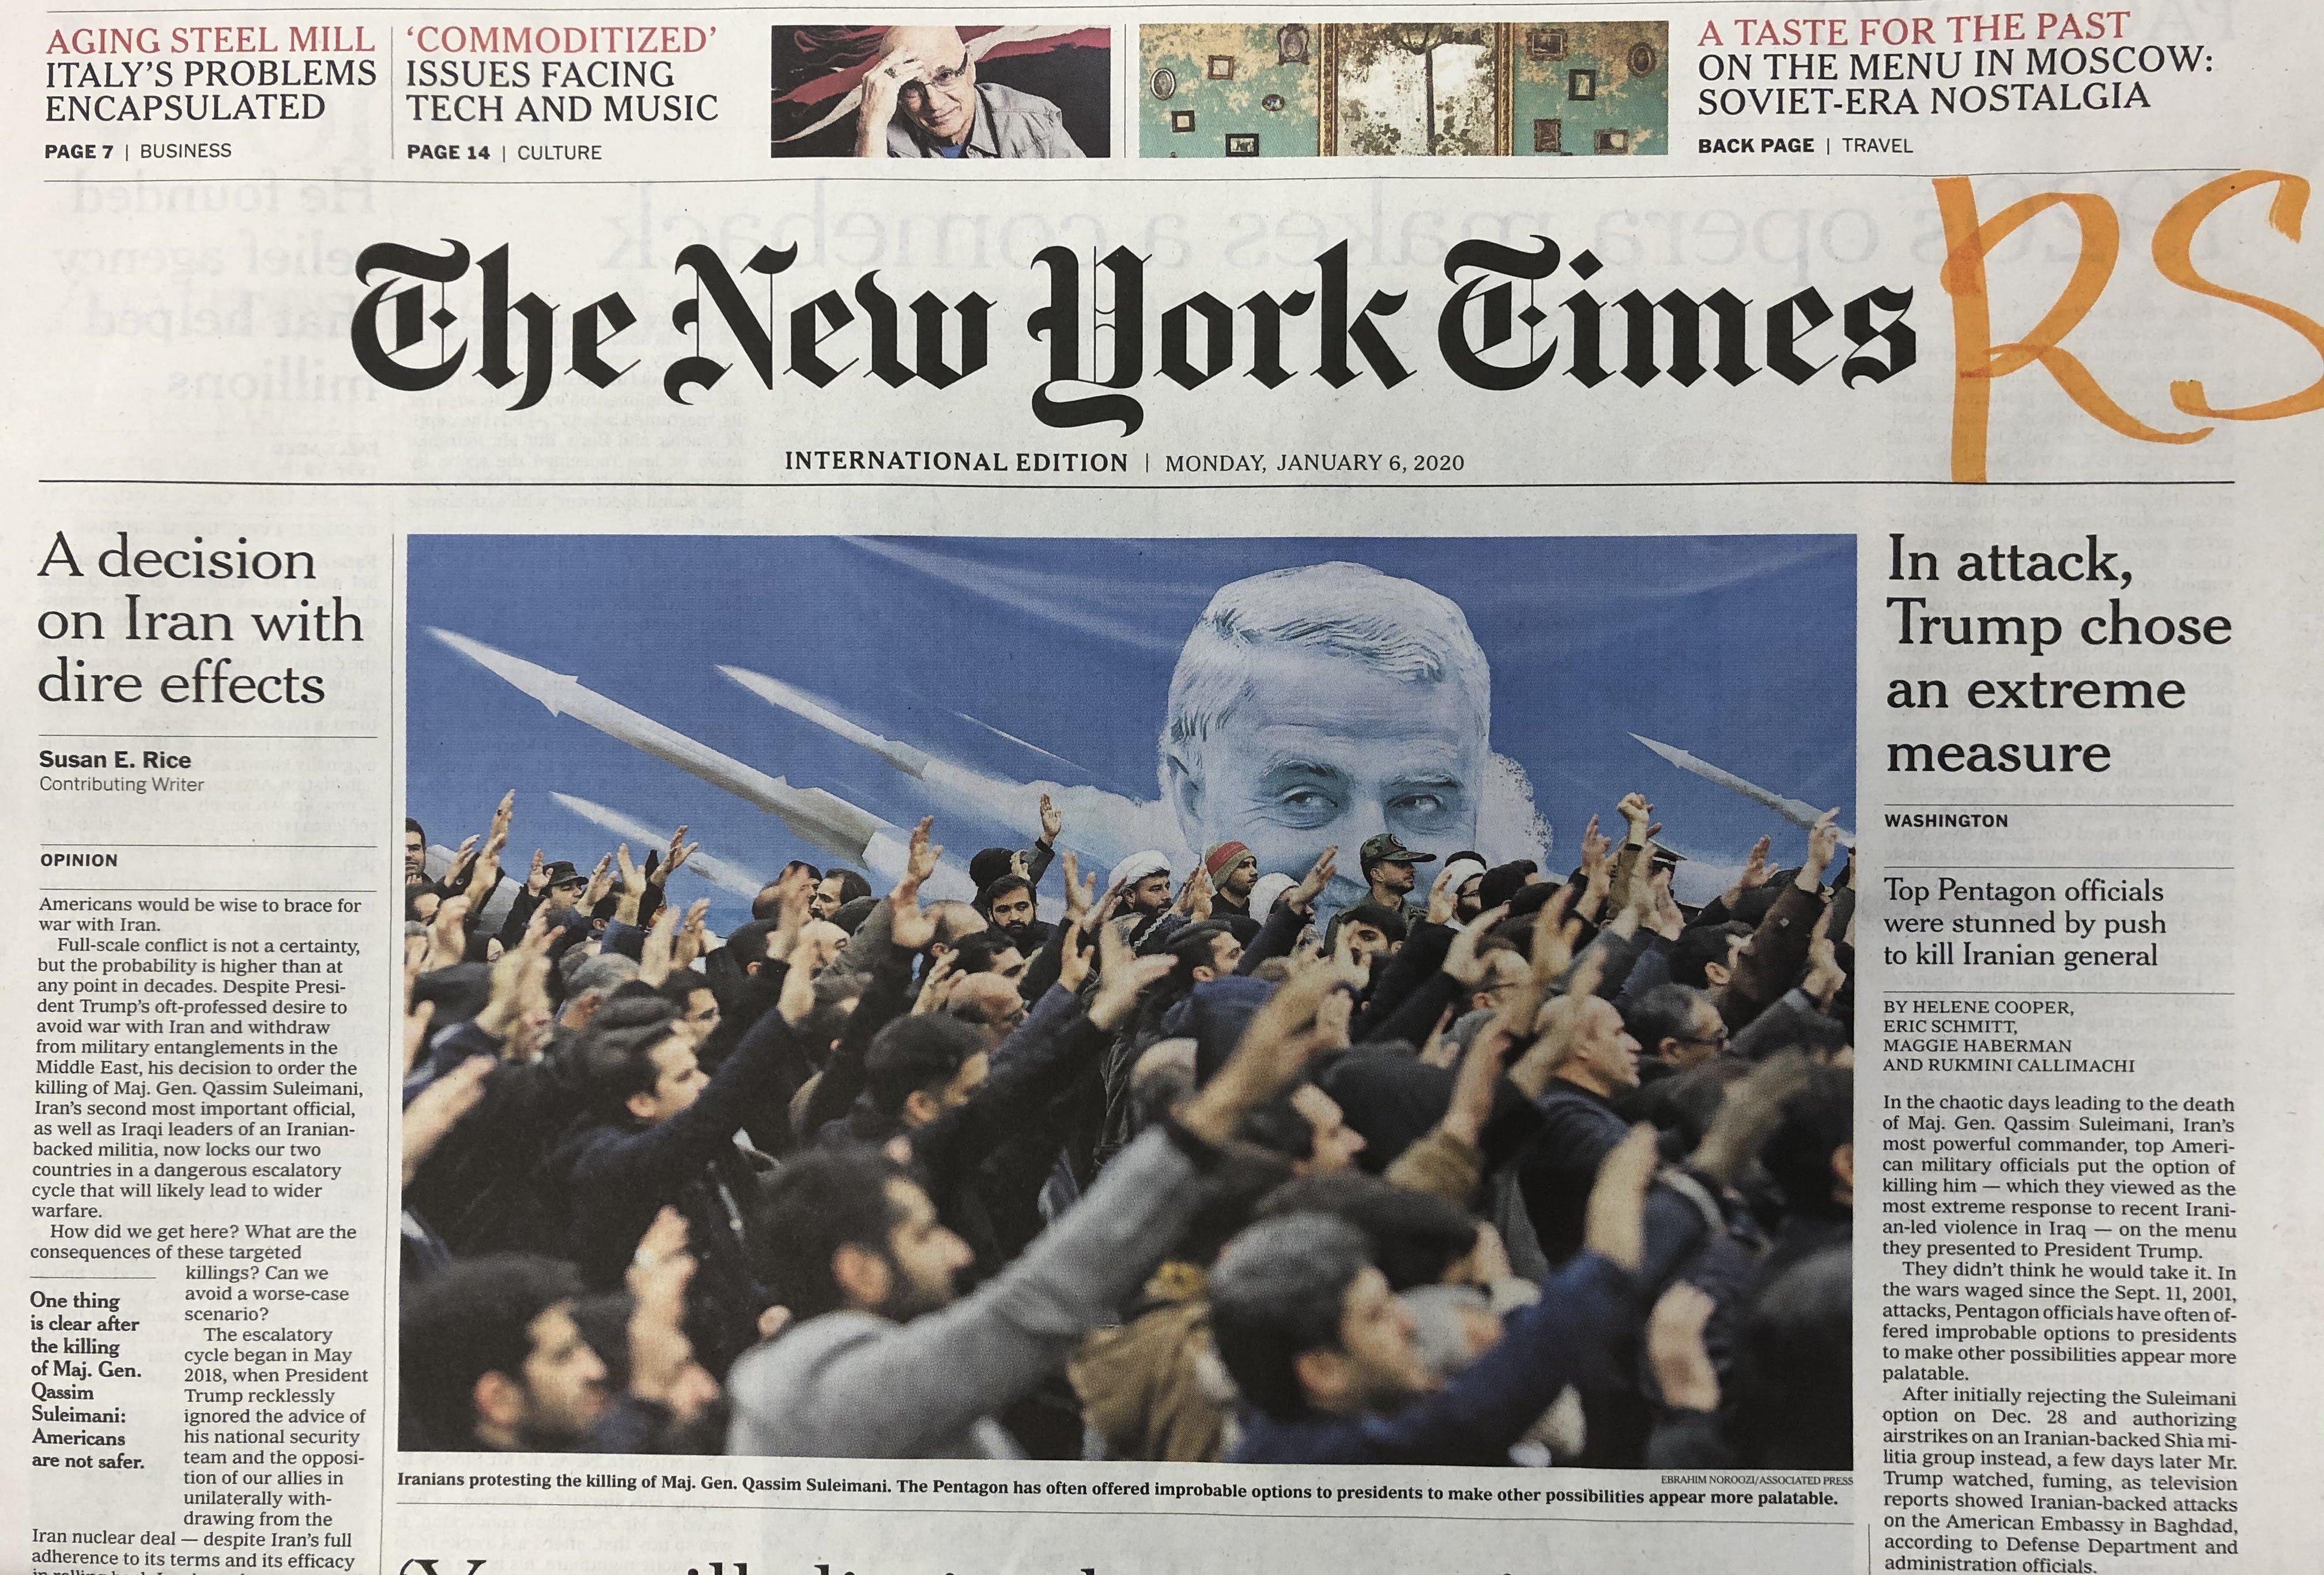 ایرانی ها در سوگ سردار سلیمانی. تصویر یک روزنامه نیویورک تایمز در شش ژانویه